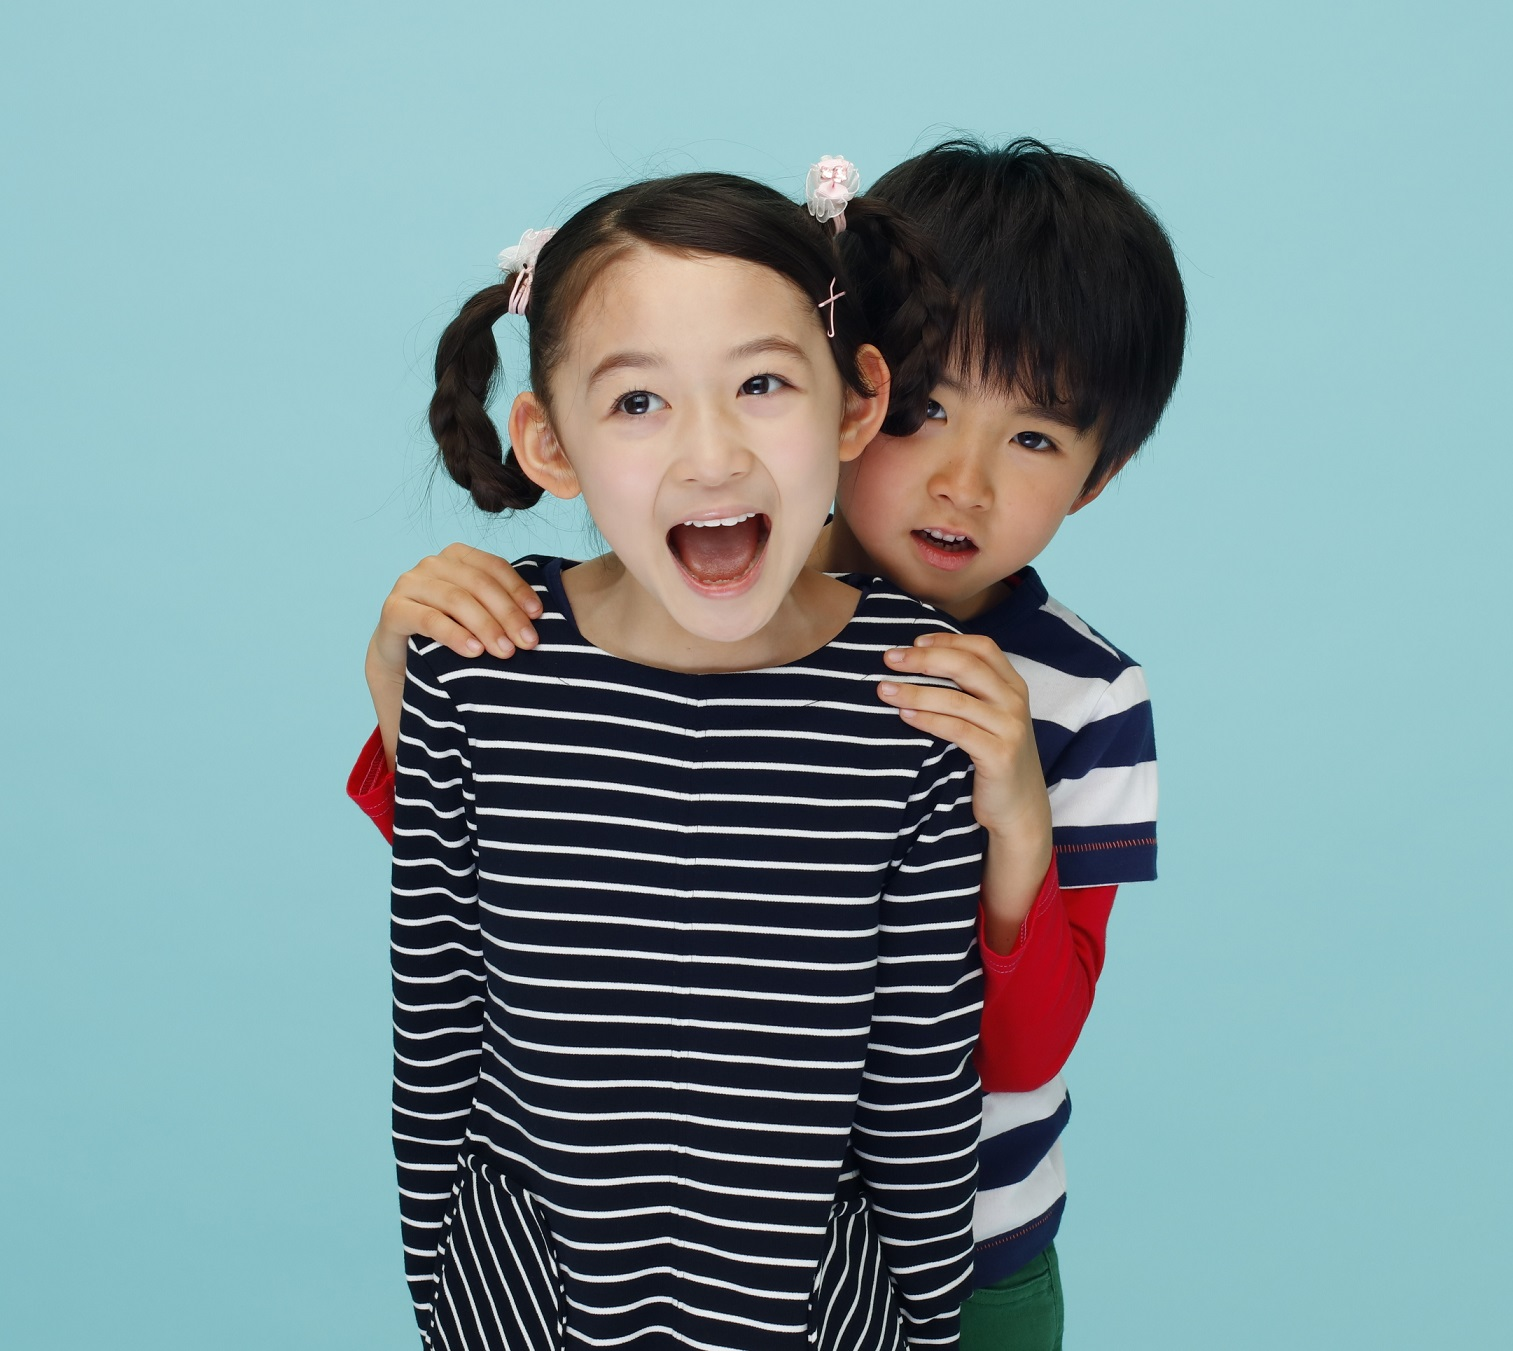 小1ママの 「ネットに子どもの写真」意識調査 賛成はたった1割